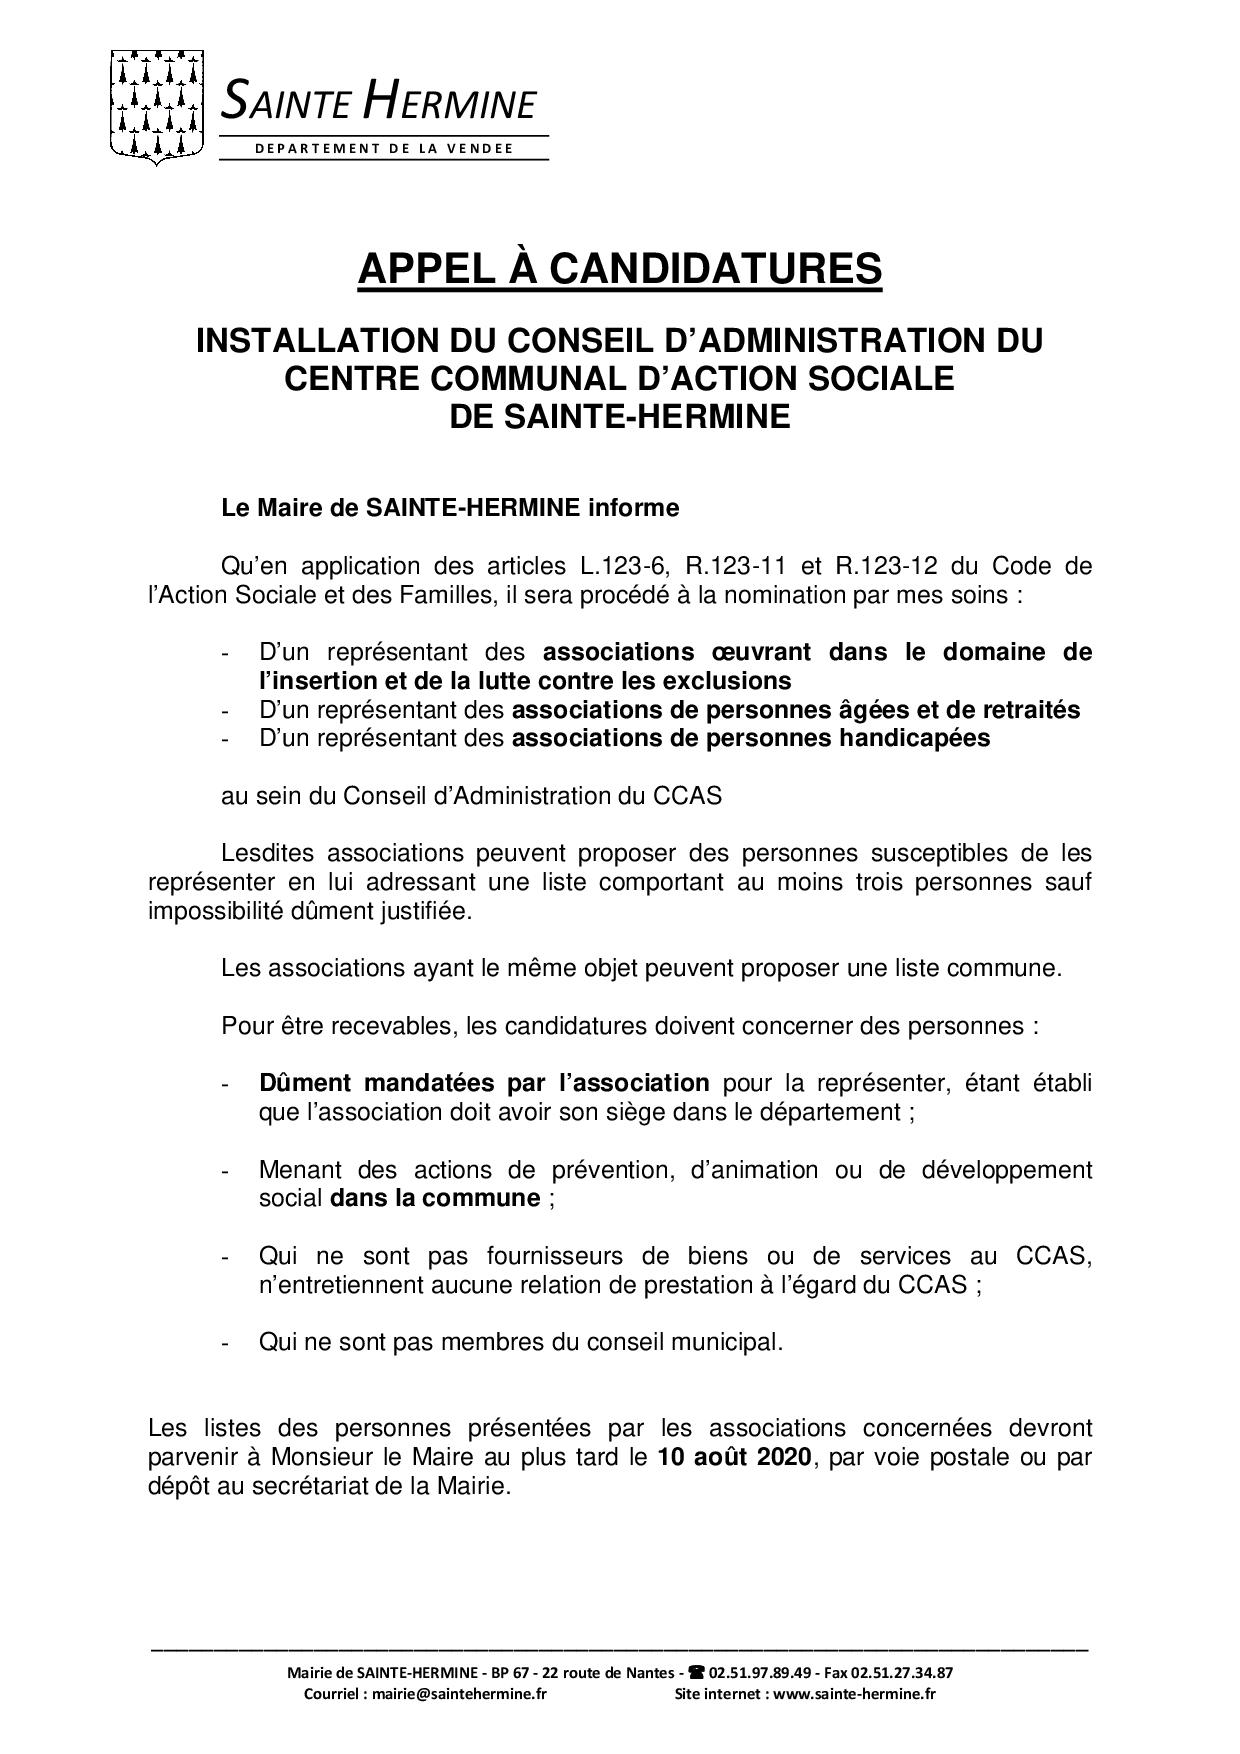 INSTALLATION DU CCAS - APPEL À CANDIDATURE